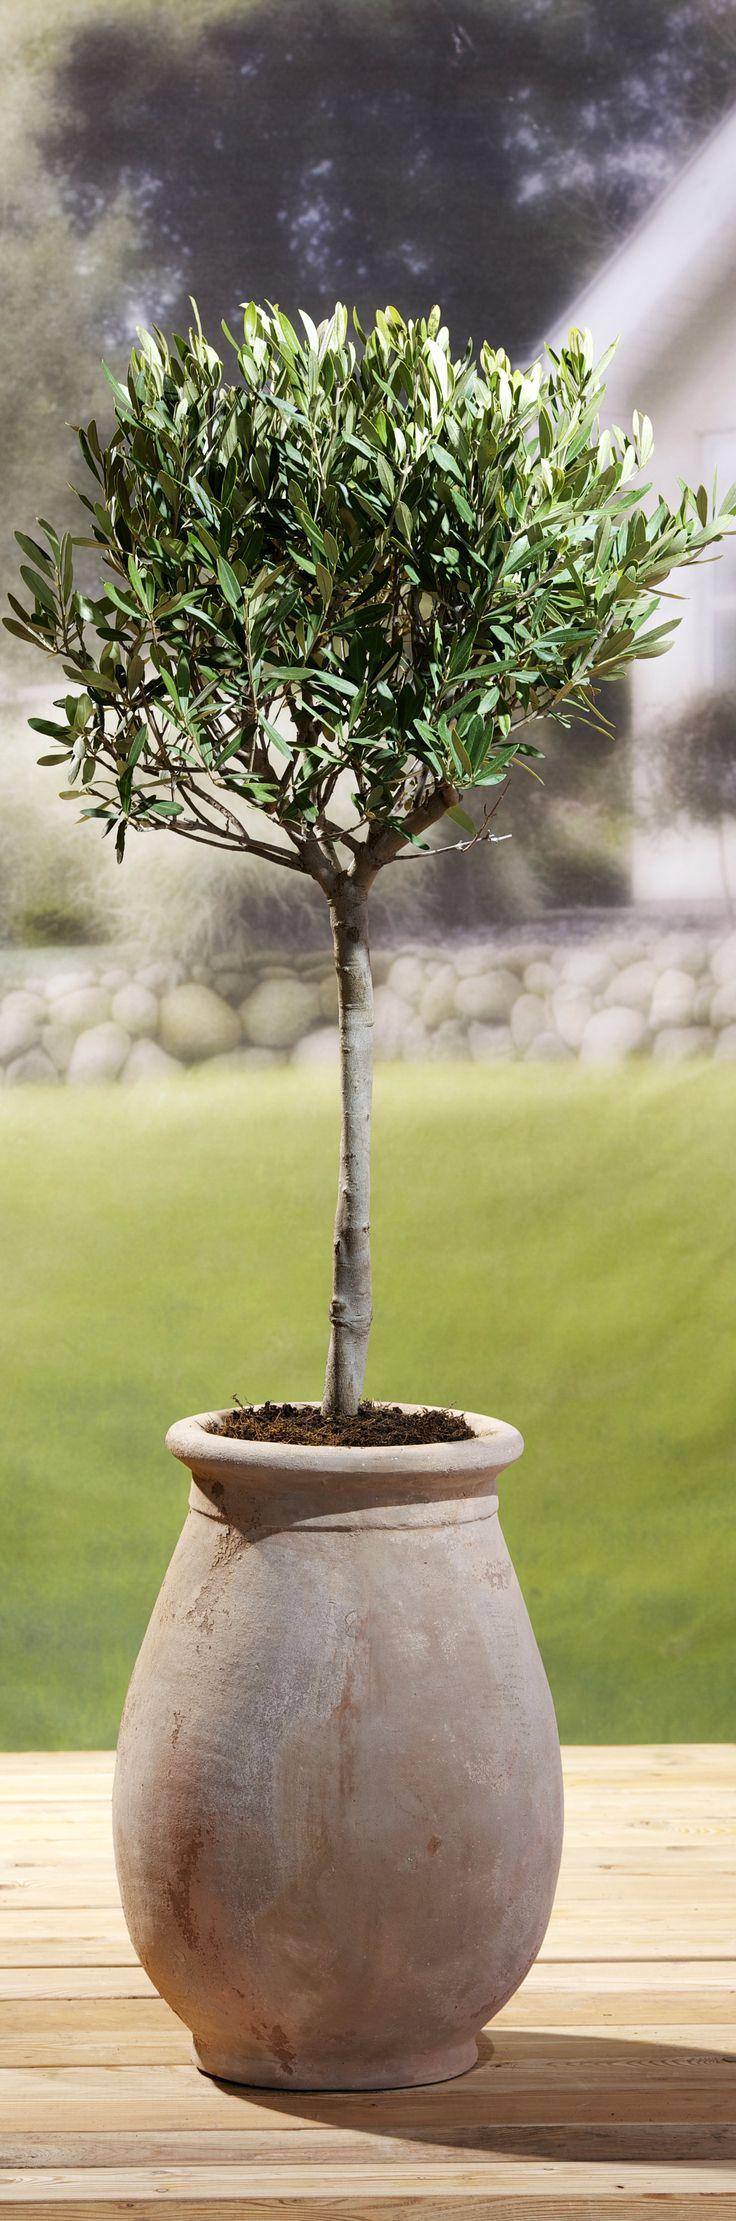 Oliven er et smukt træ, som skaber en sydlandsk stemning på terrassen om sommeren. #oliven #oliventræ #middelhavsplante #krukkeplante #olea #olive #plantorama